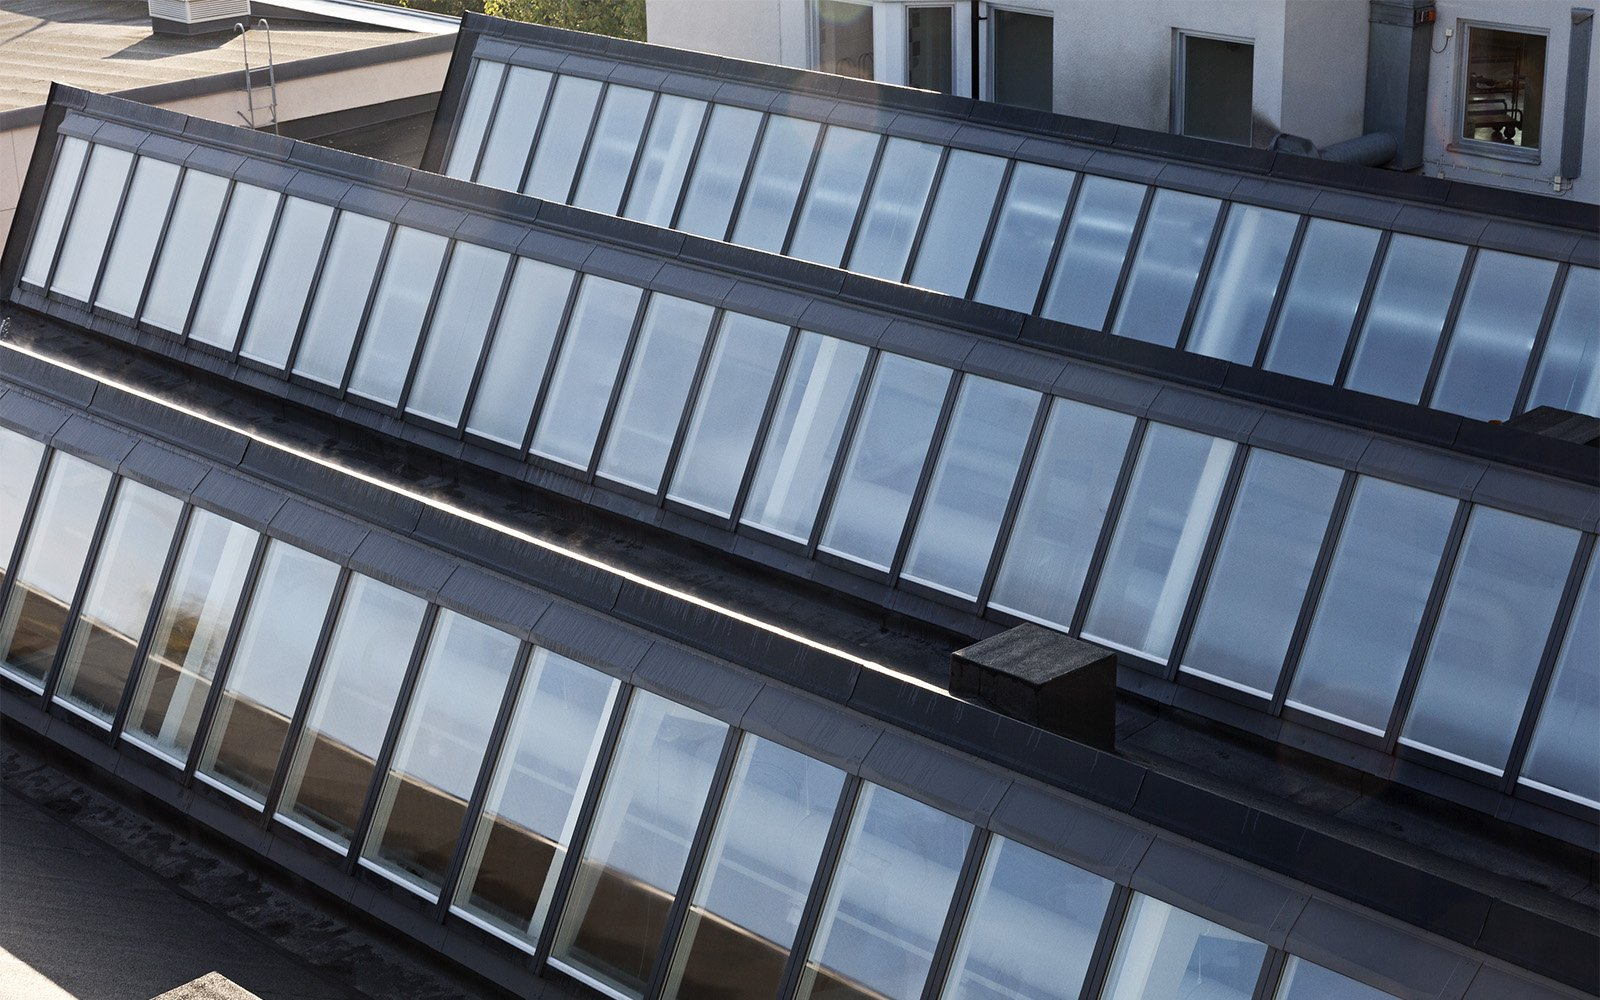 Oberlichter und Sägezahndecke des Sågbäcksgymnasiet in Dänemark